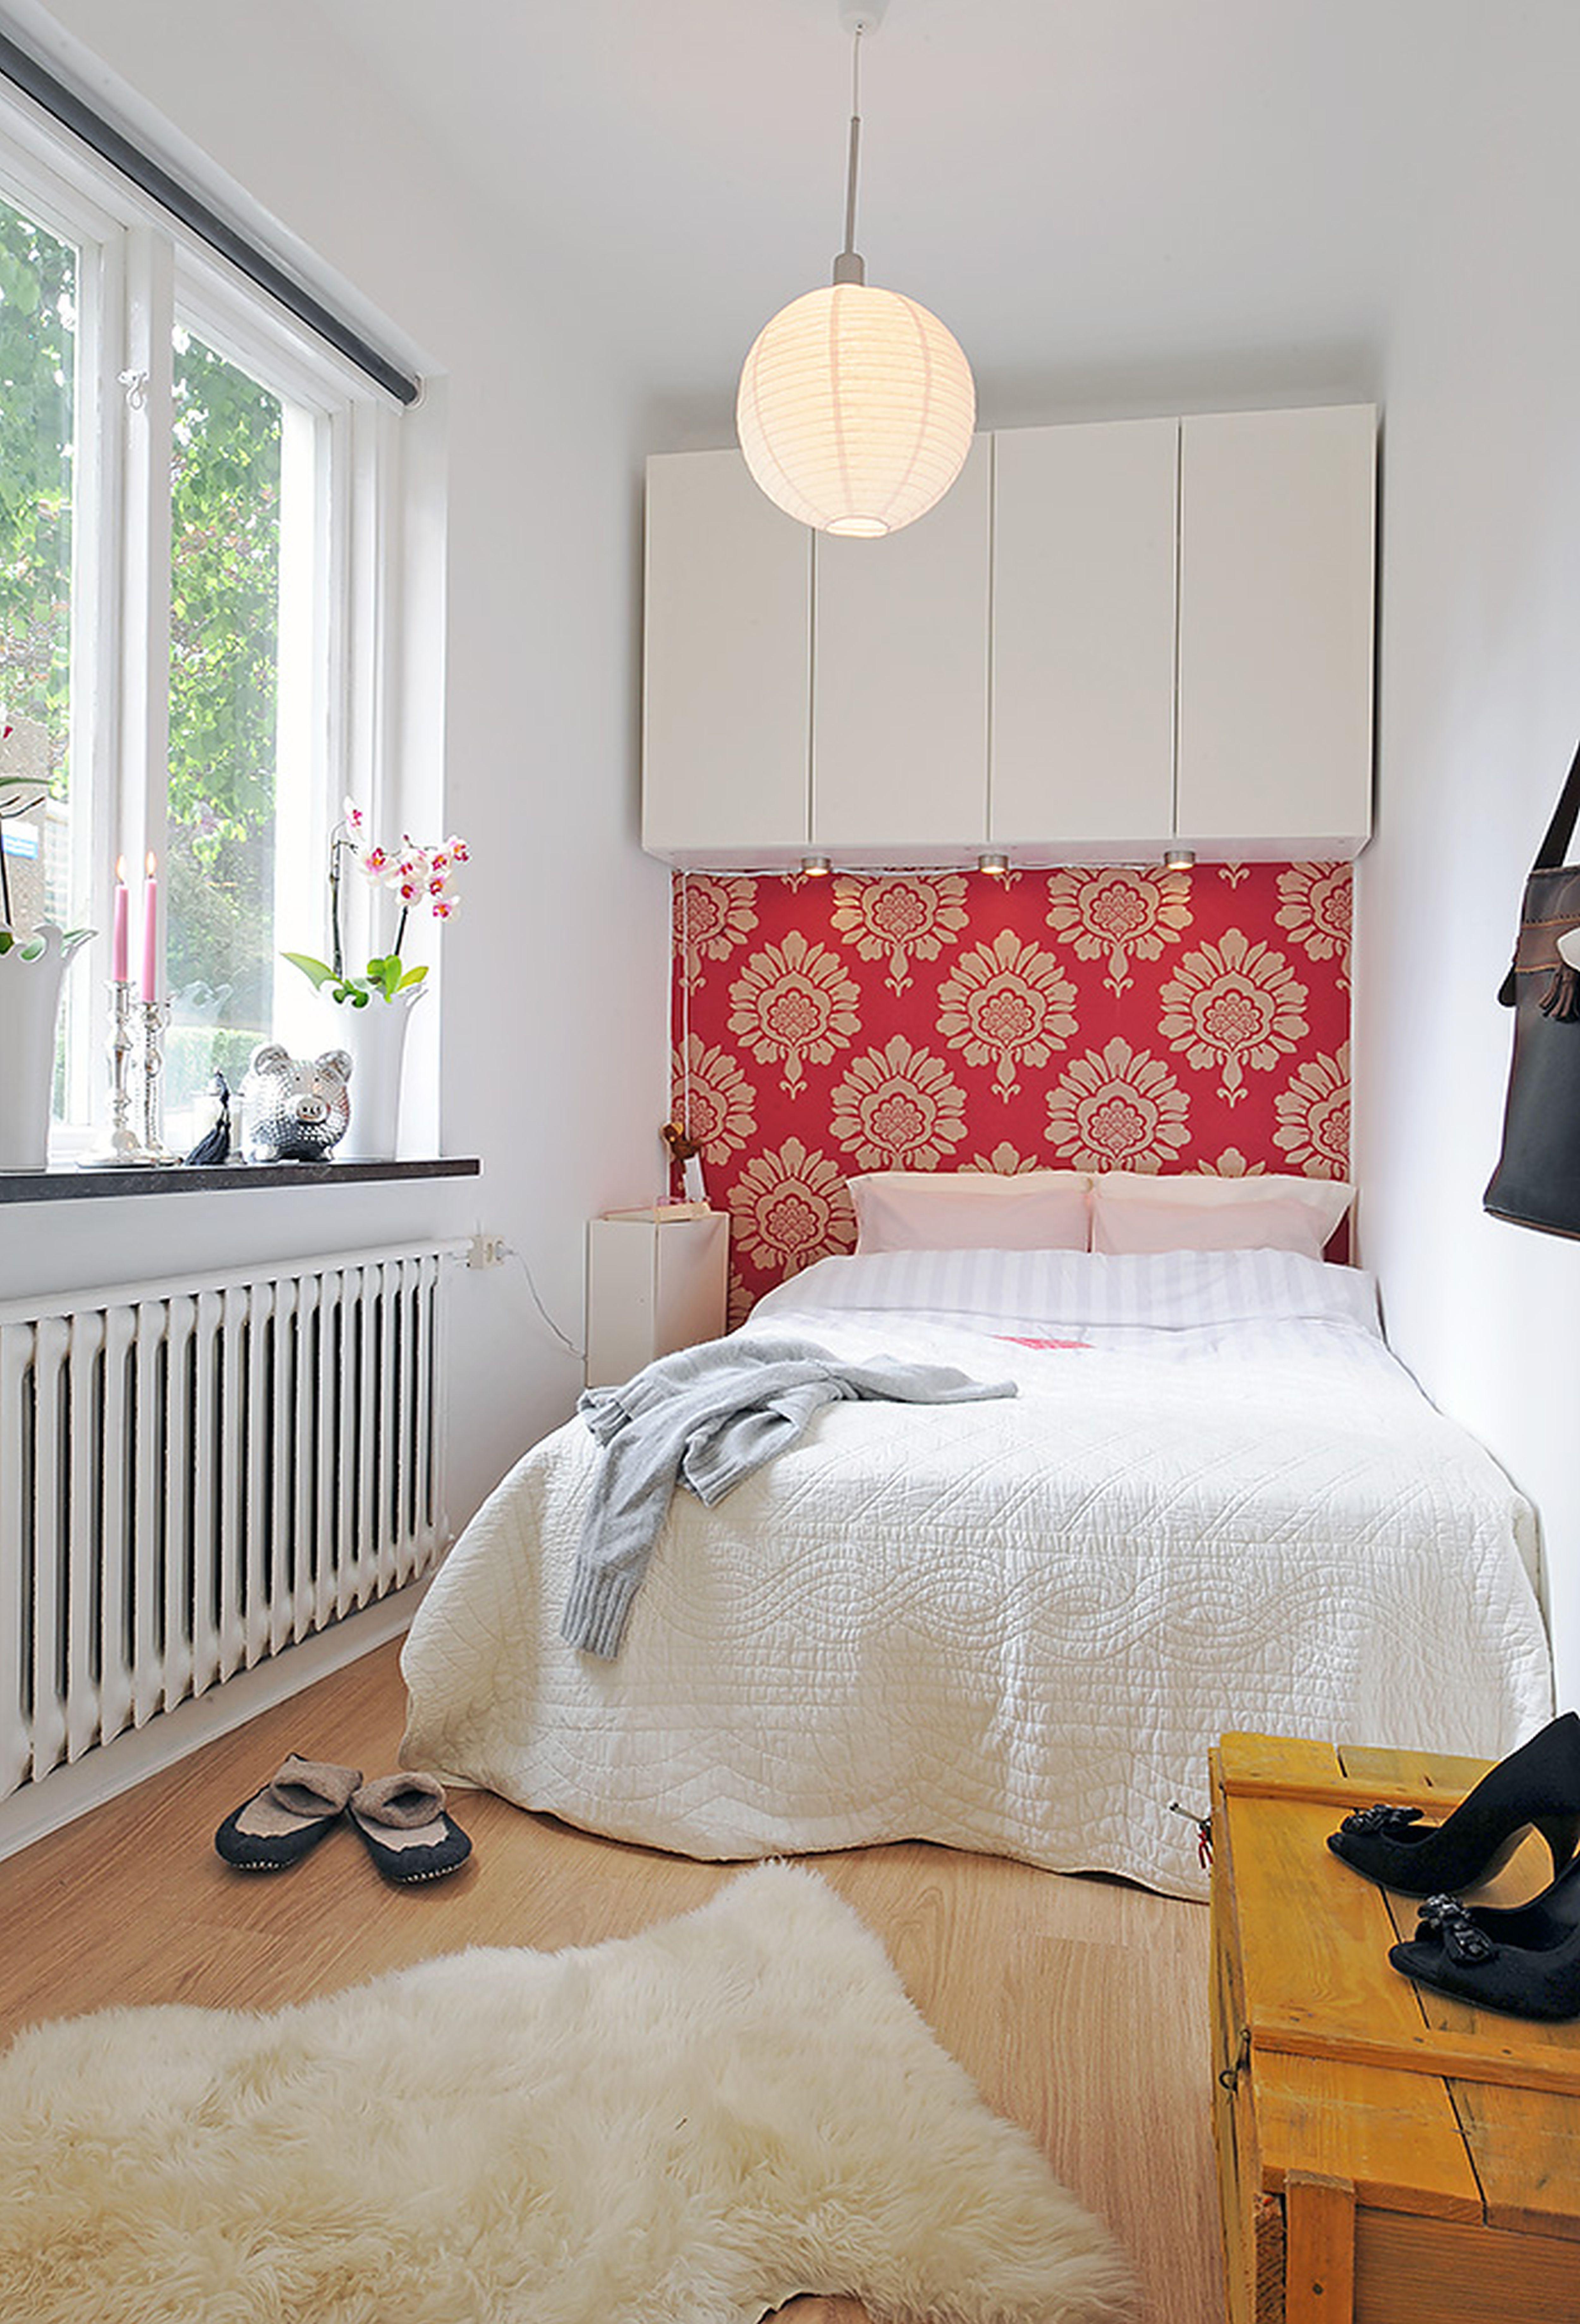 Decorar un dormitorio peque o individual colch n expr s for Unique furniture ideas for small spaces